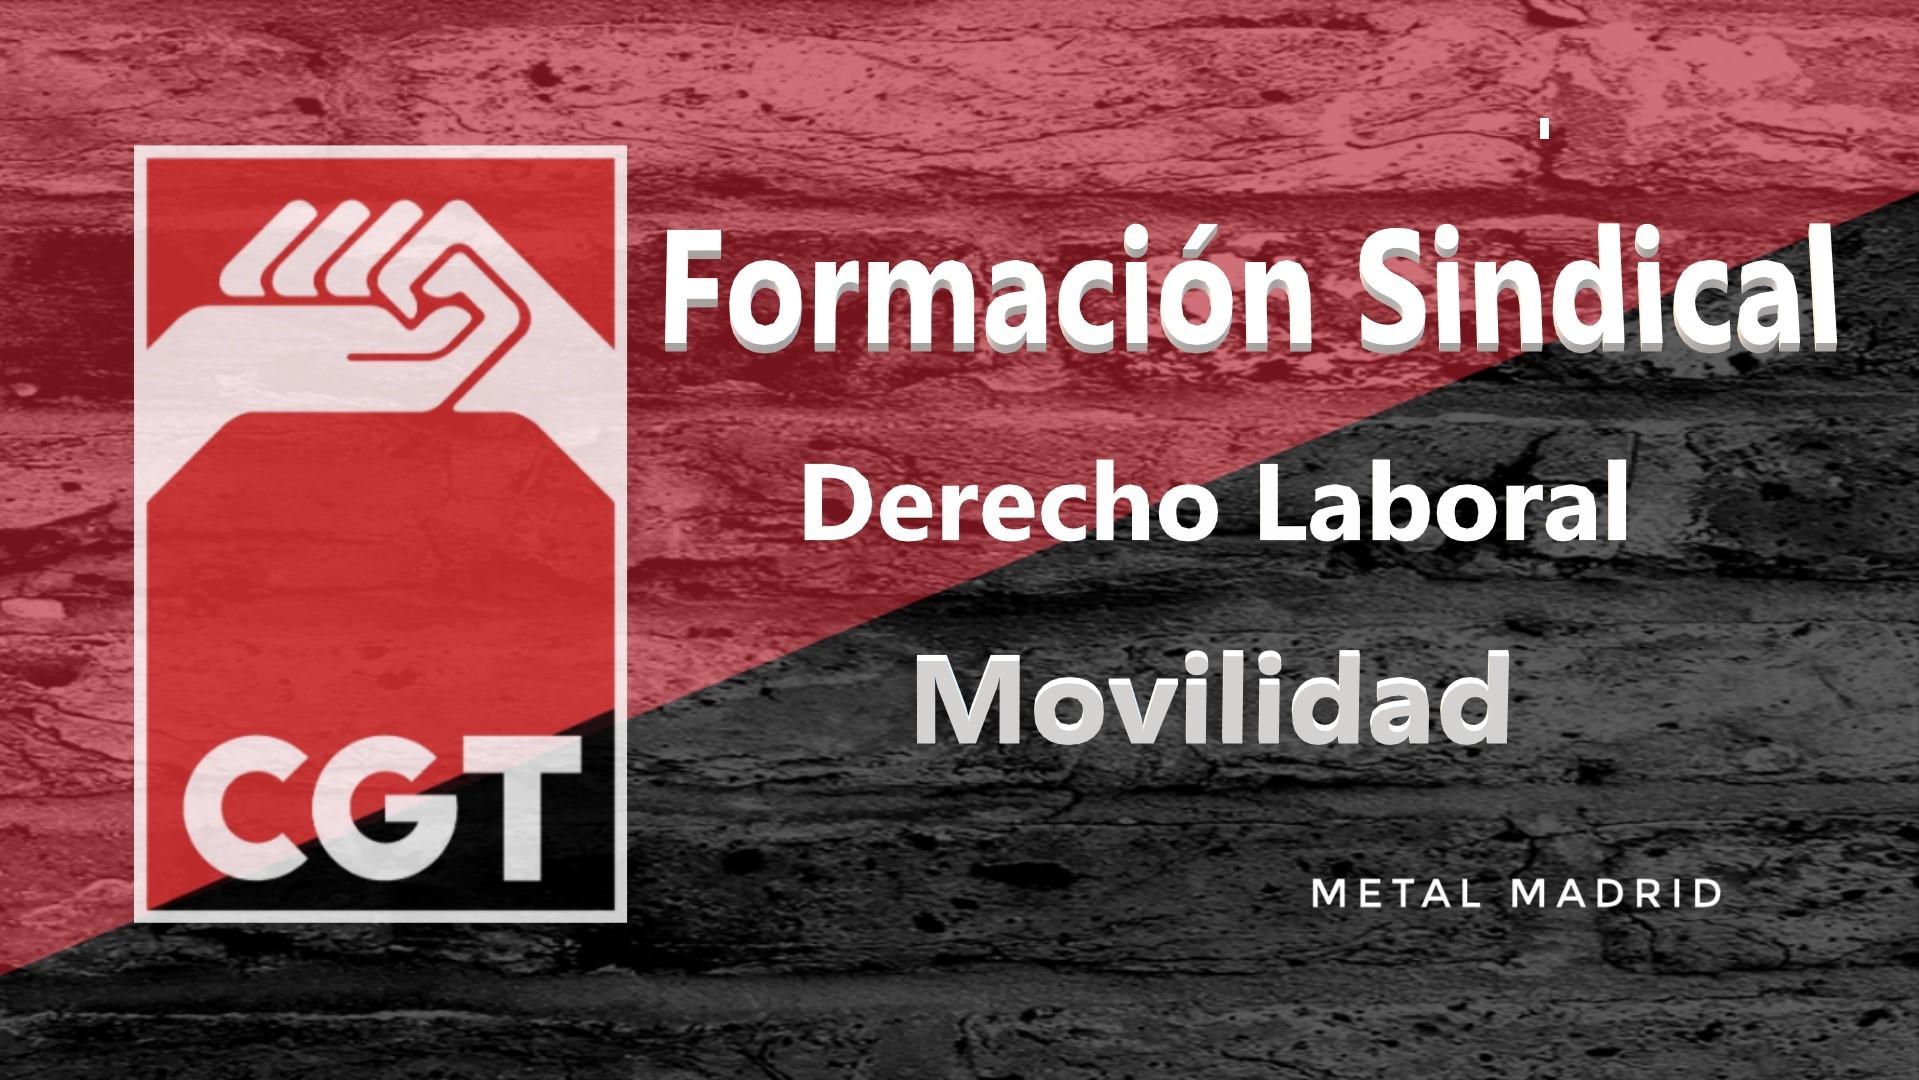 Formación: Derecho laboral: Movilidad